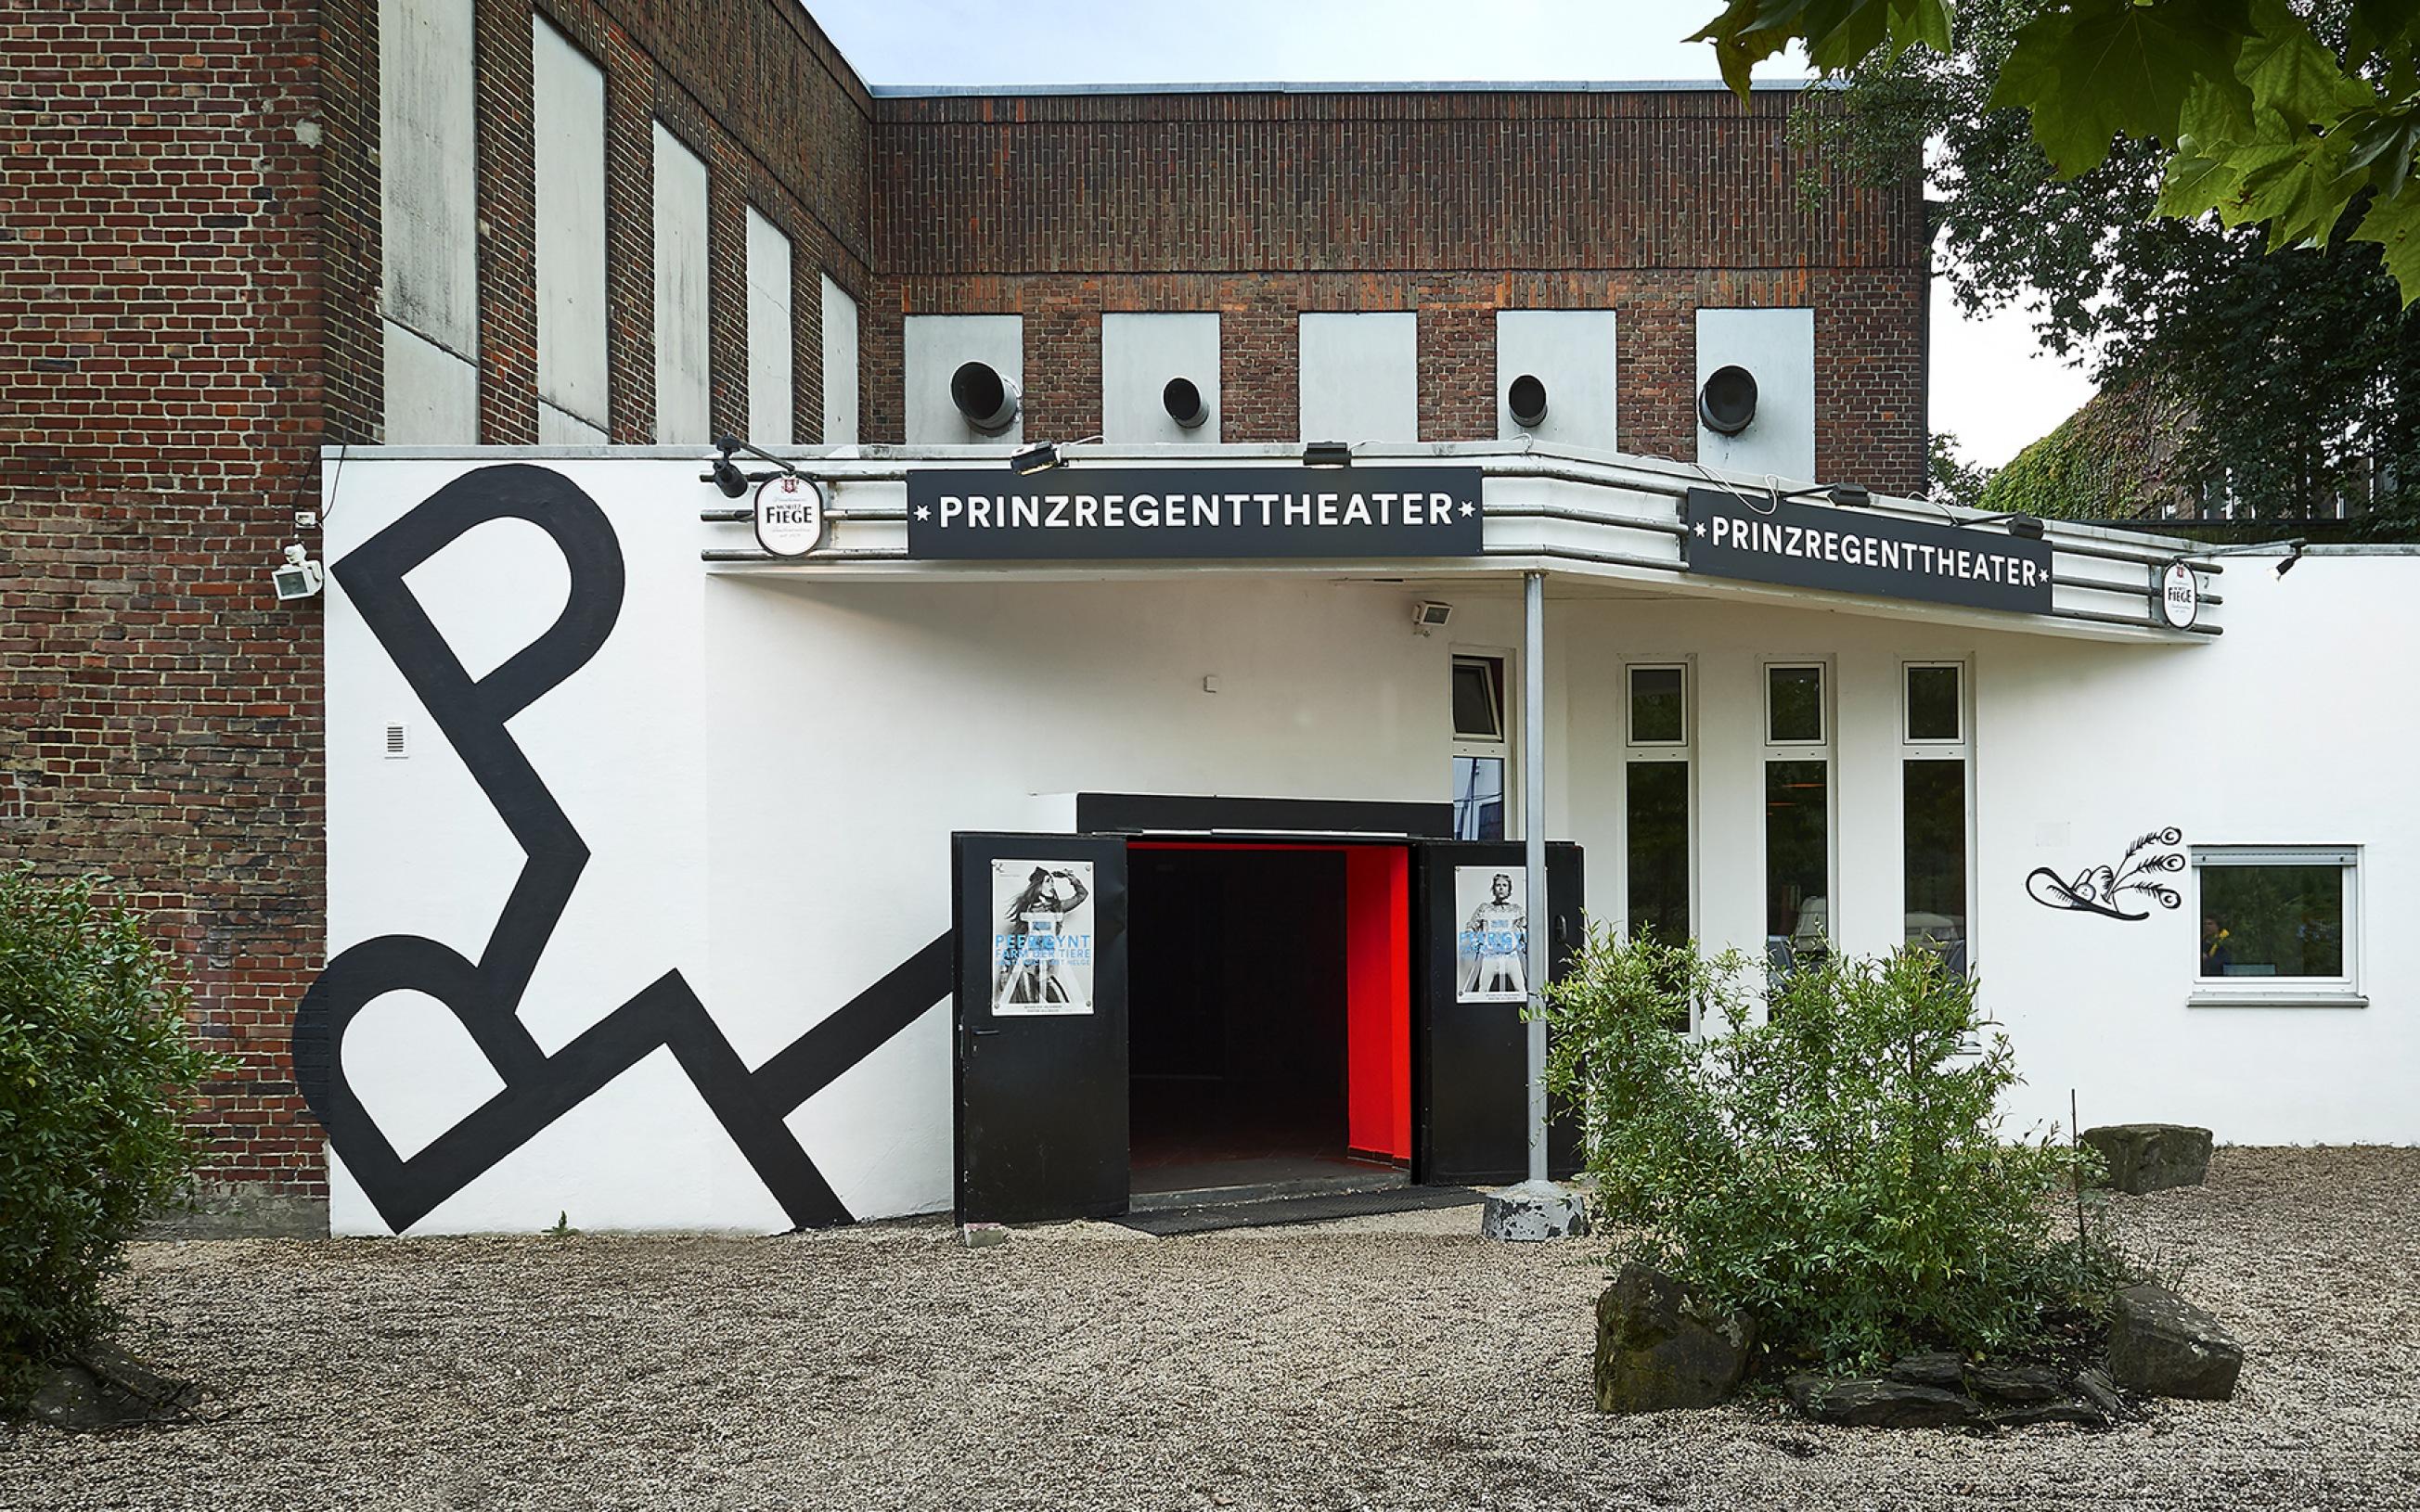 PRINZREGENTTHEATER, Prinz-Regent-Str. 50-60, 44795 Bochum - Außenansicht